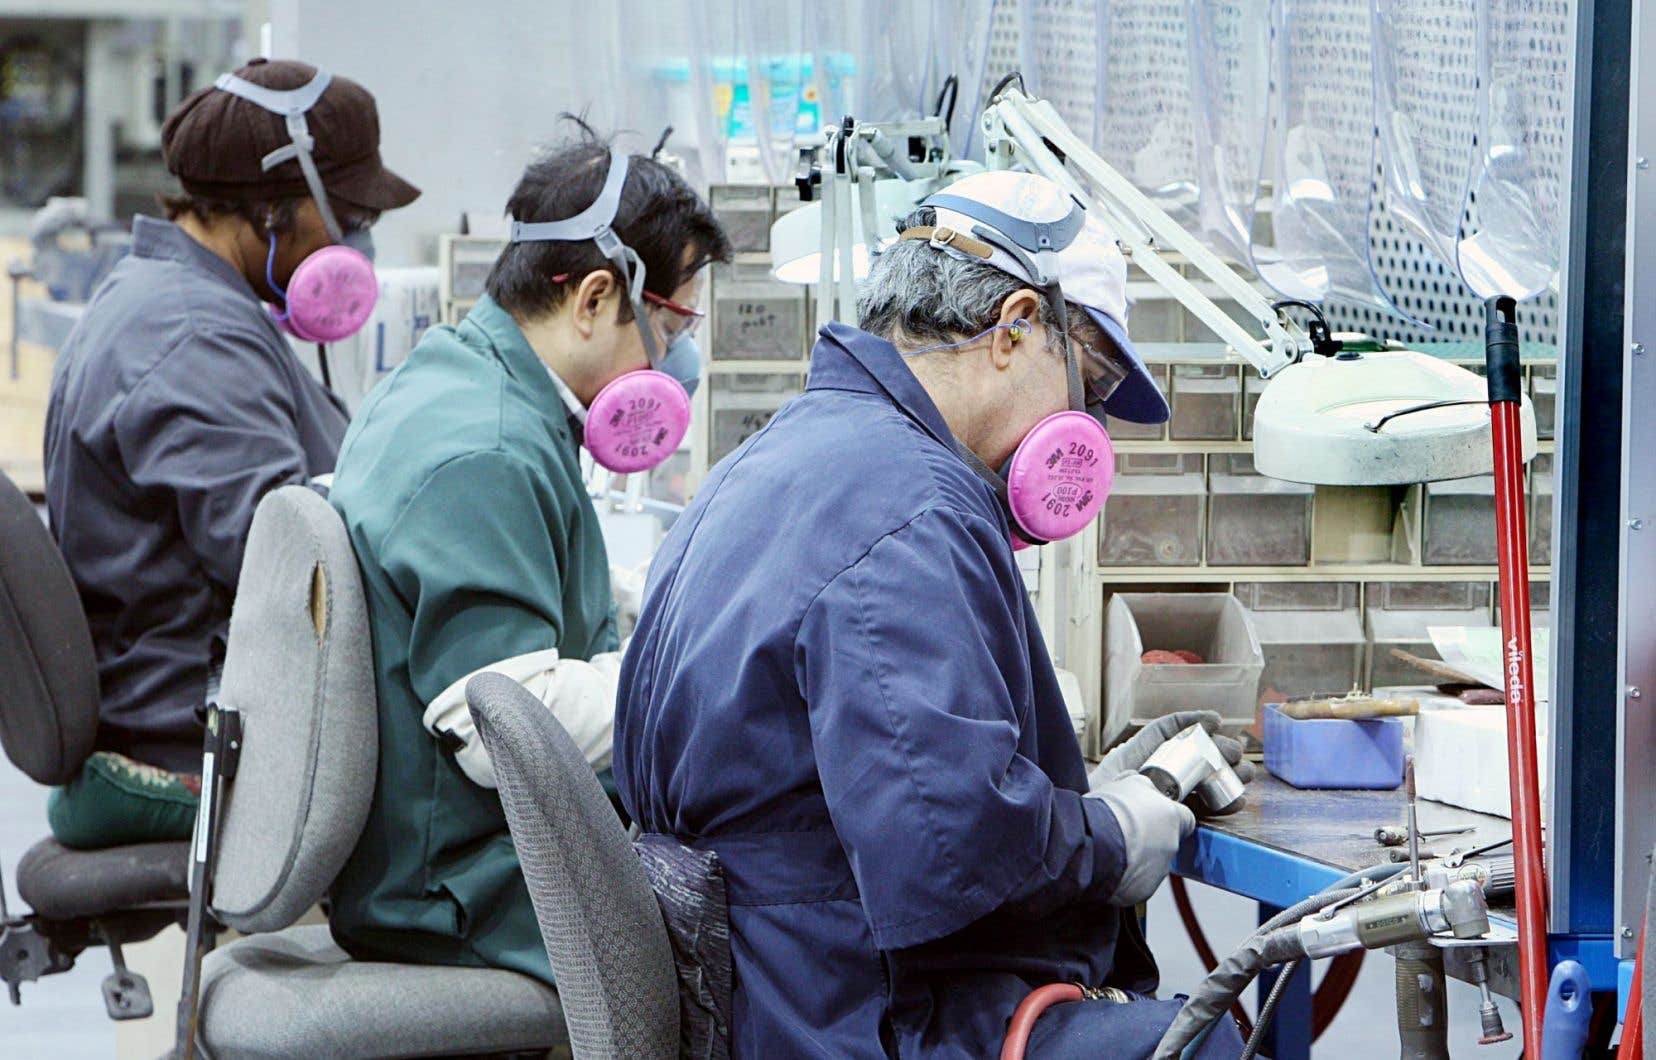 Le secteur manufacturier comptait 650000 emplois en 2002. On en recensait plus que 490000 en 2010.